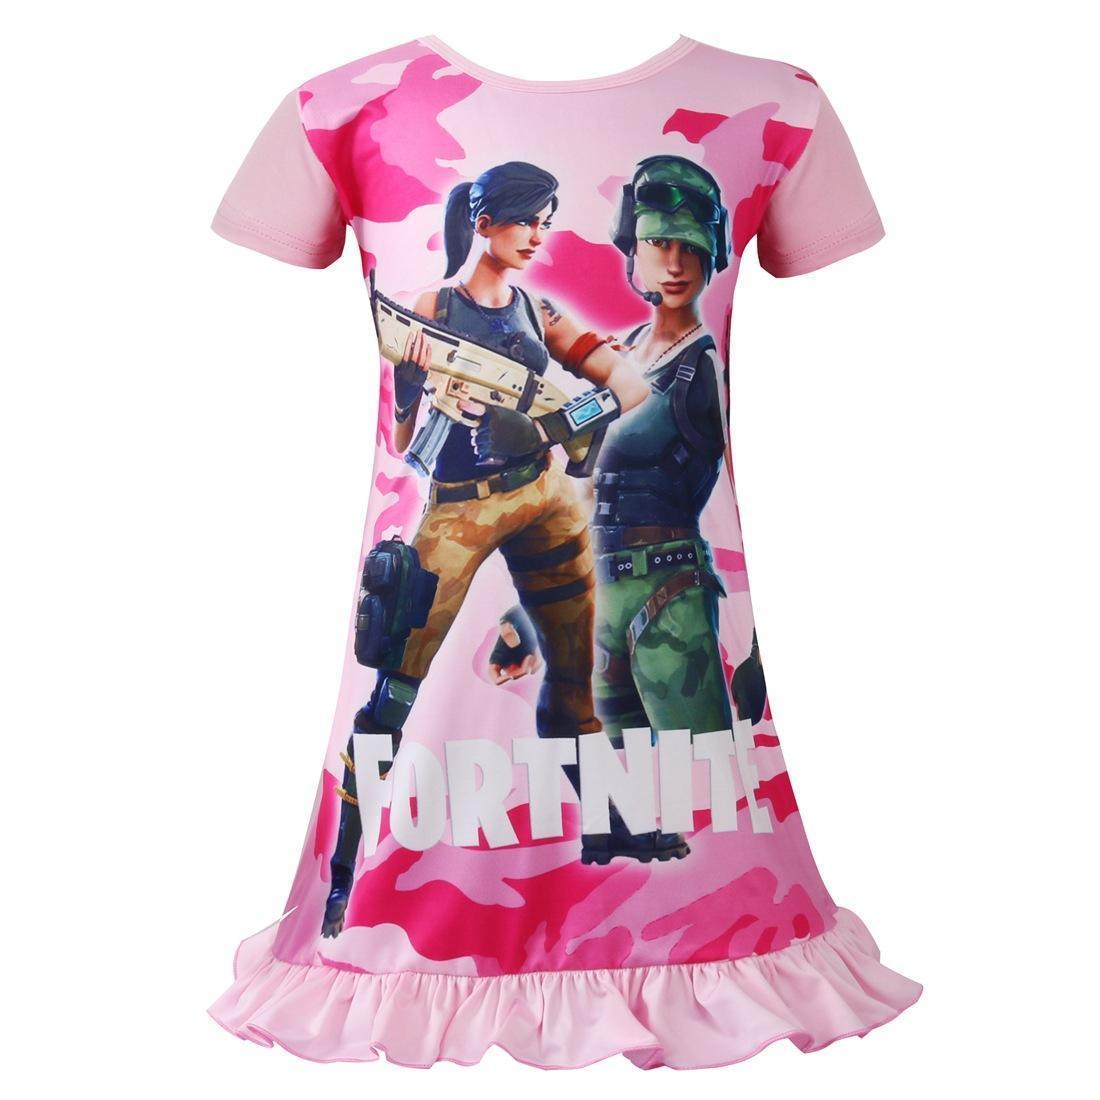 2c8a5bfc748db Acheter 2018 Jolies Filles Fortnite Robe Rose Princesse 3 8 T Été Longue  Bande Dessinée Lutos Lesf Manches Courtes Pyjama Robe Petites Filles  Vêtements De ...